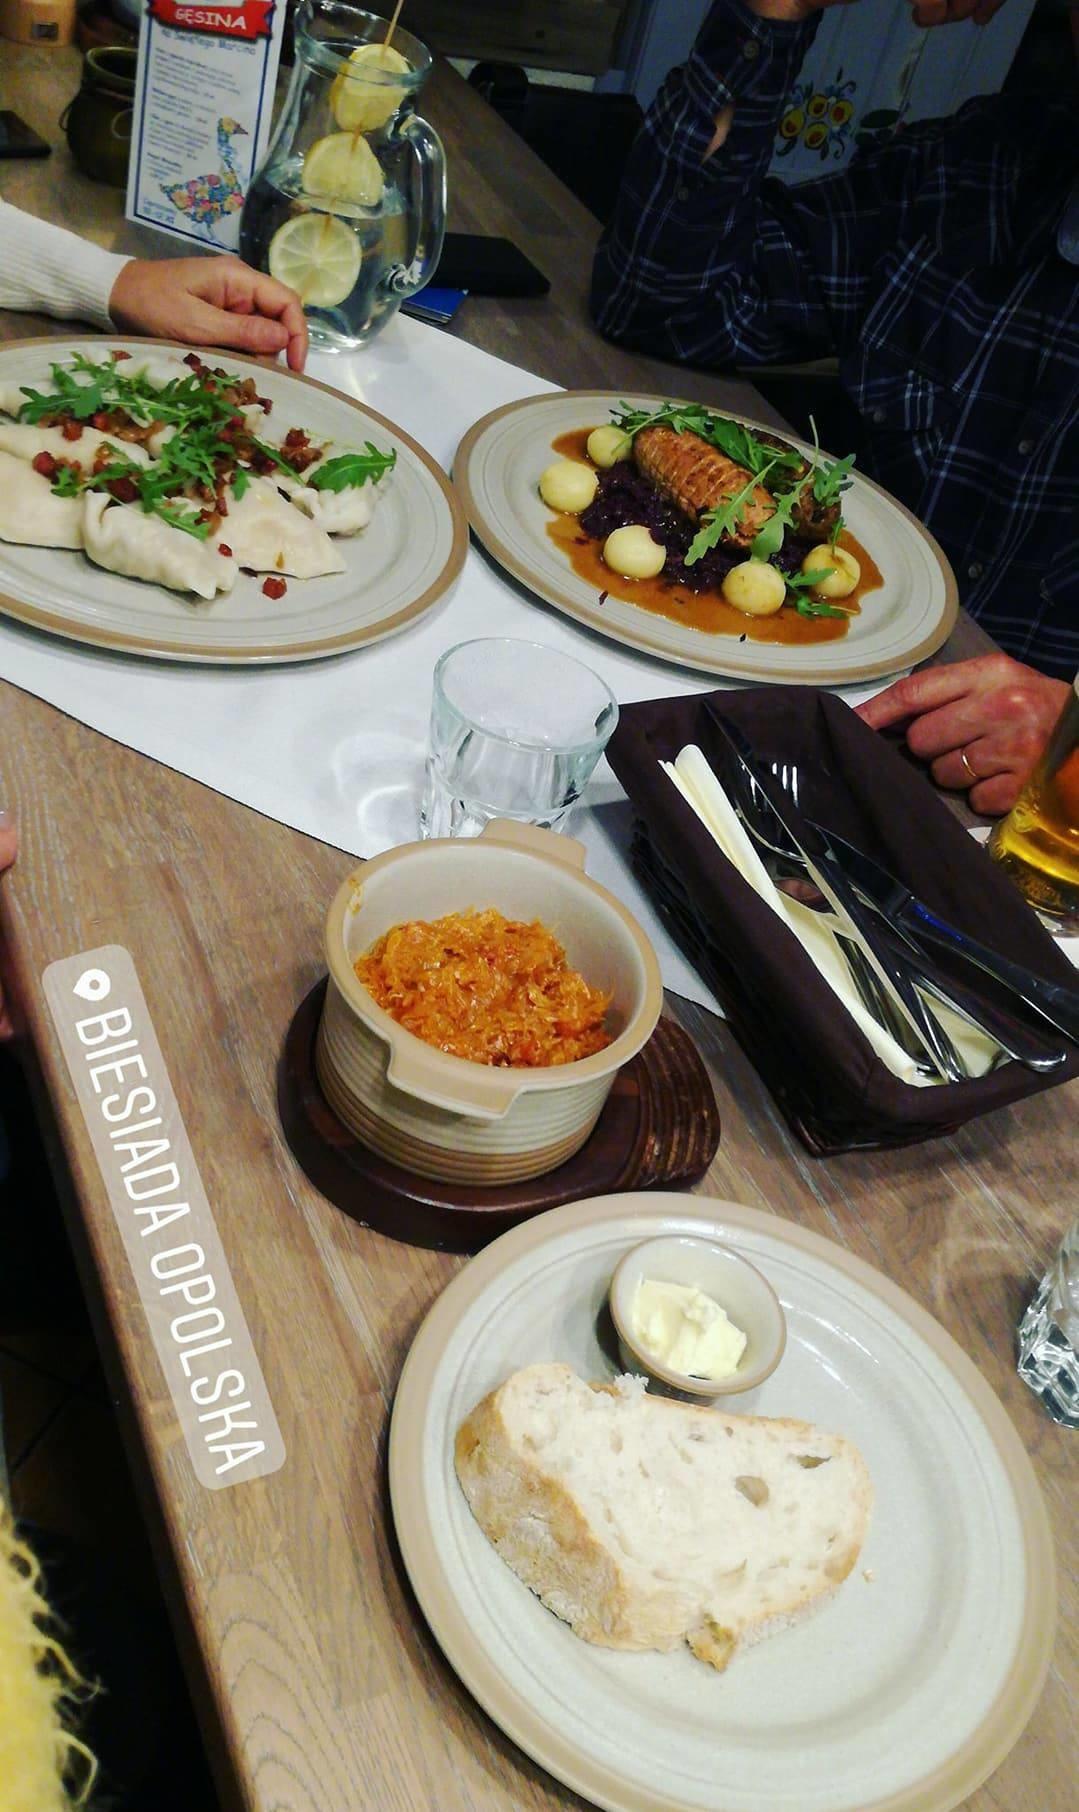 biesiada-opolska-traditional-food-restau